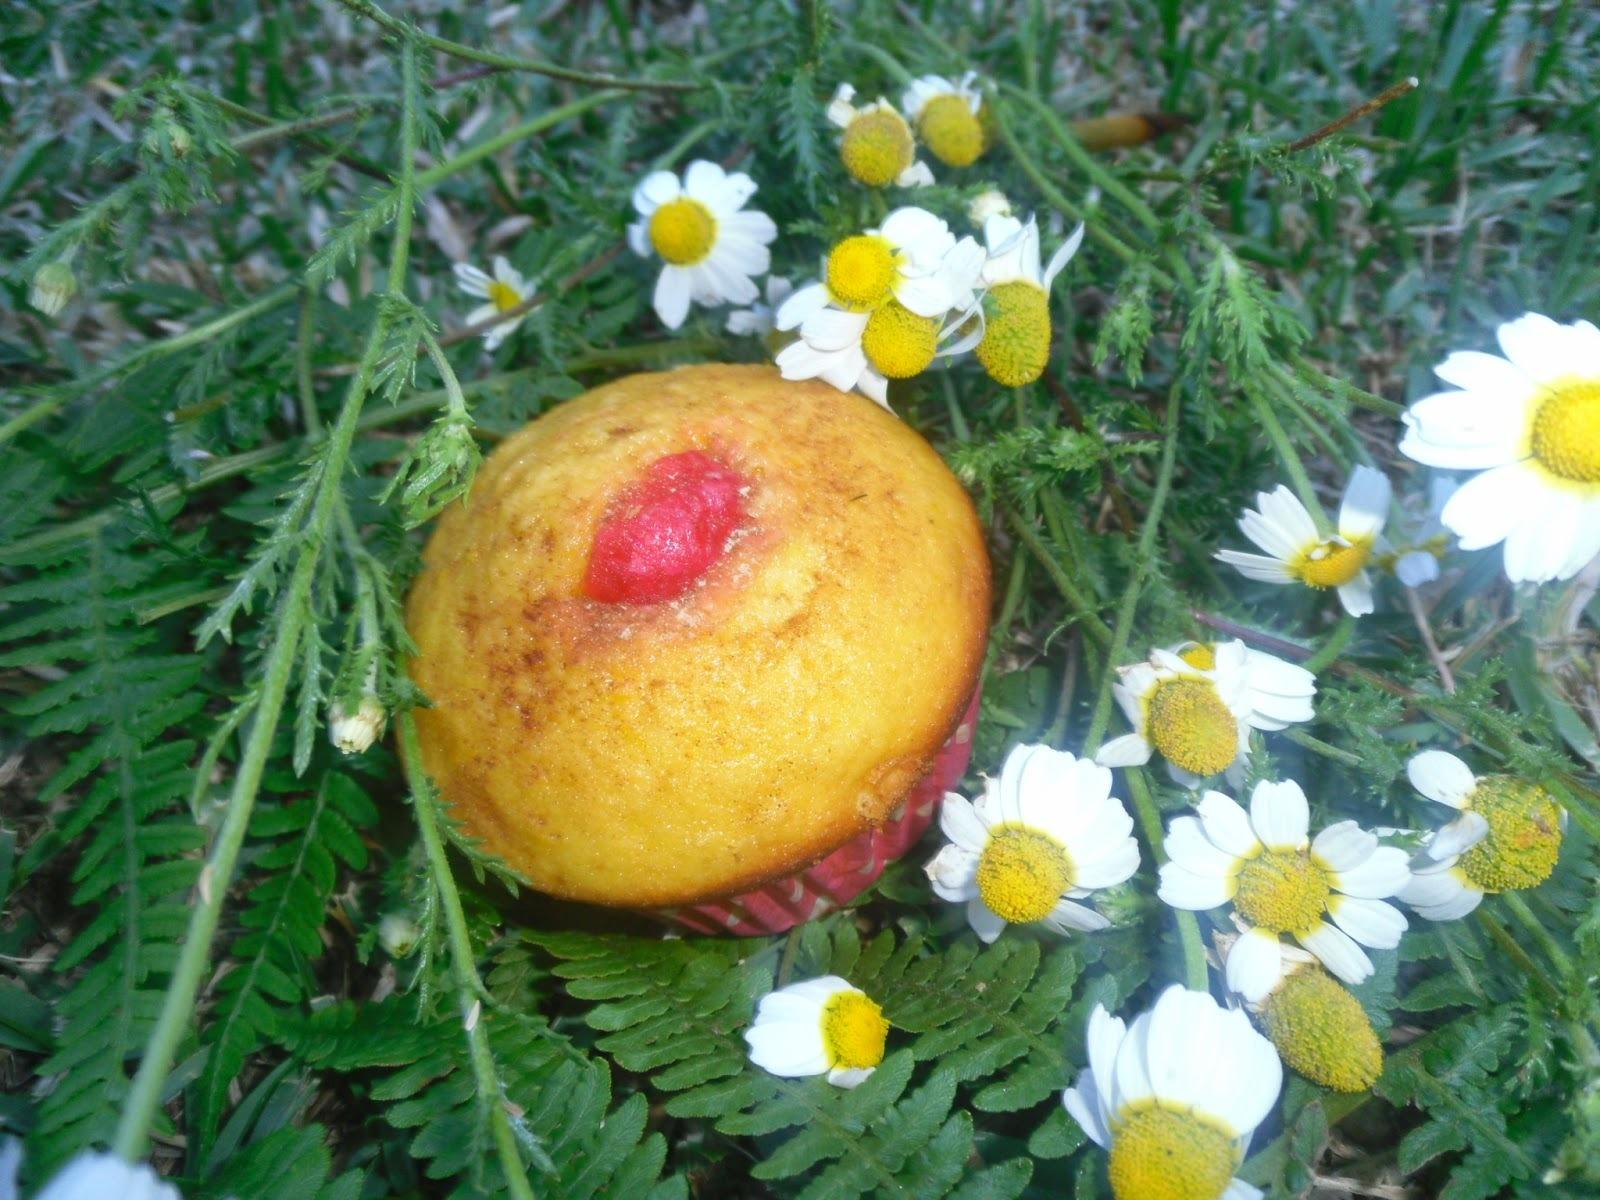 Uns queques de milho, iogurte e gengibre para o aniversário do blogue da Margarida